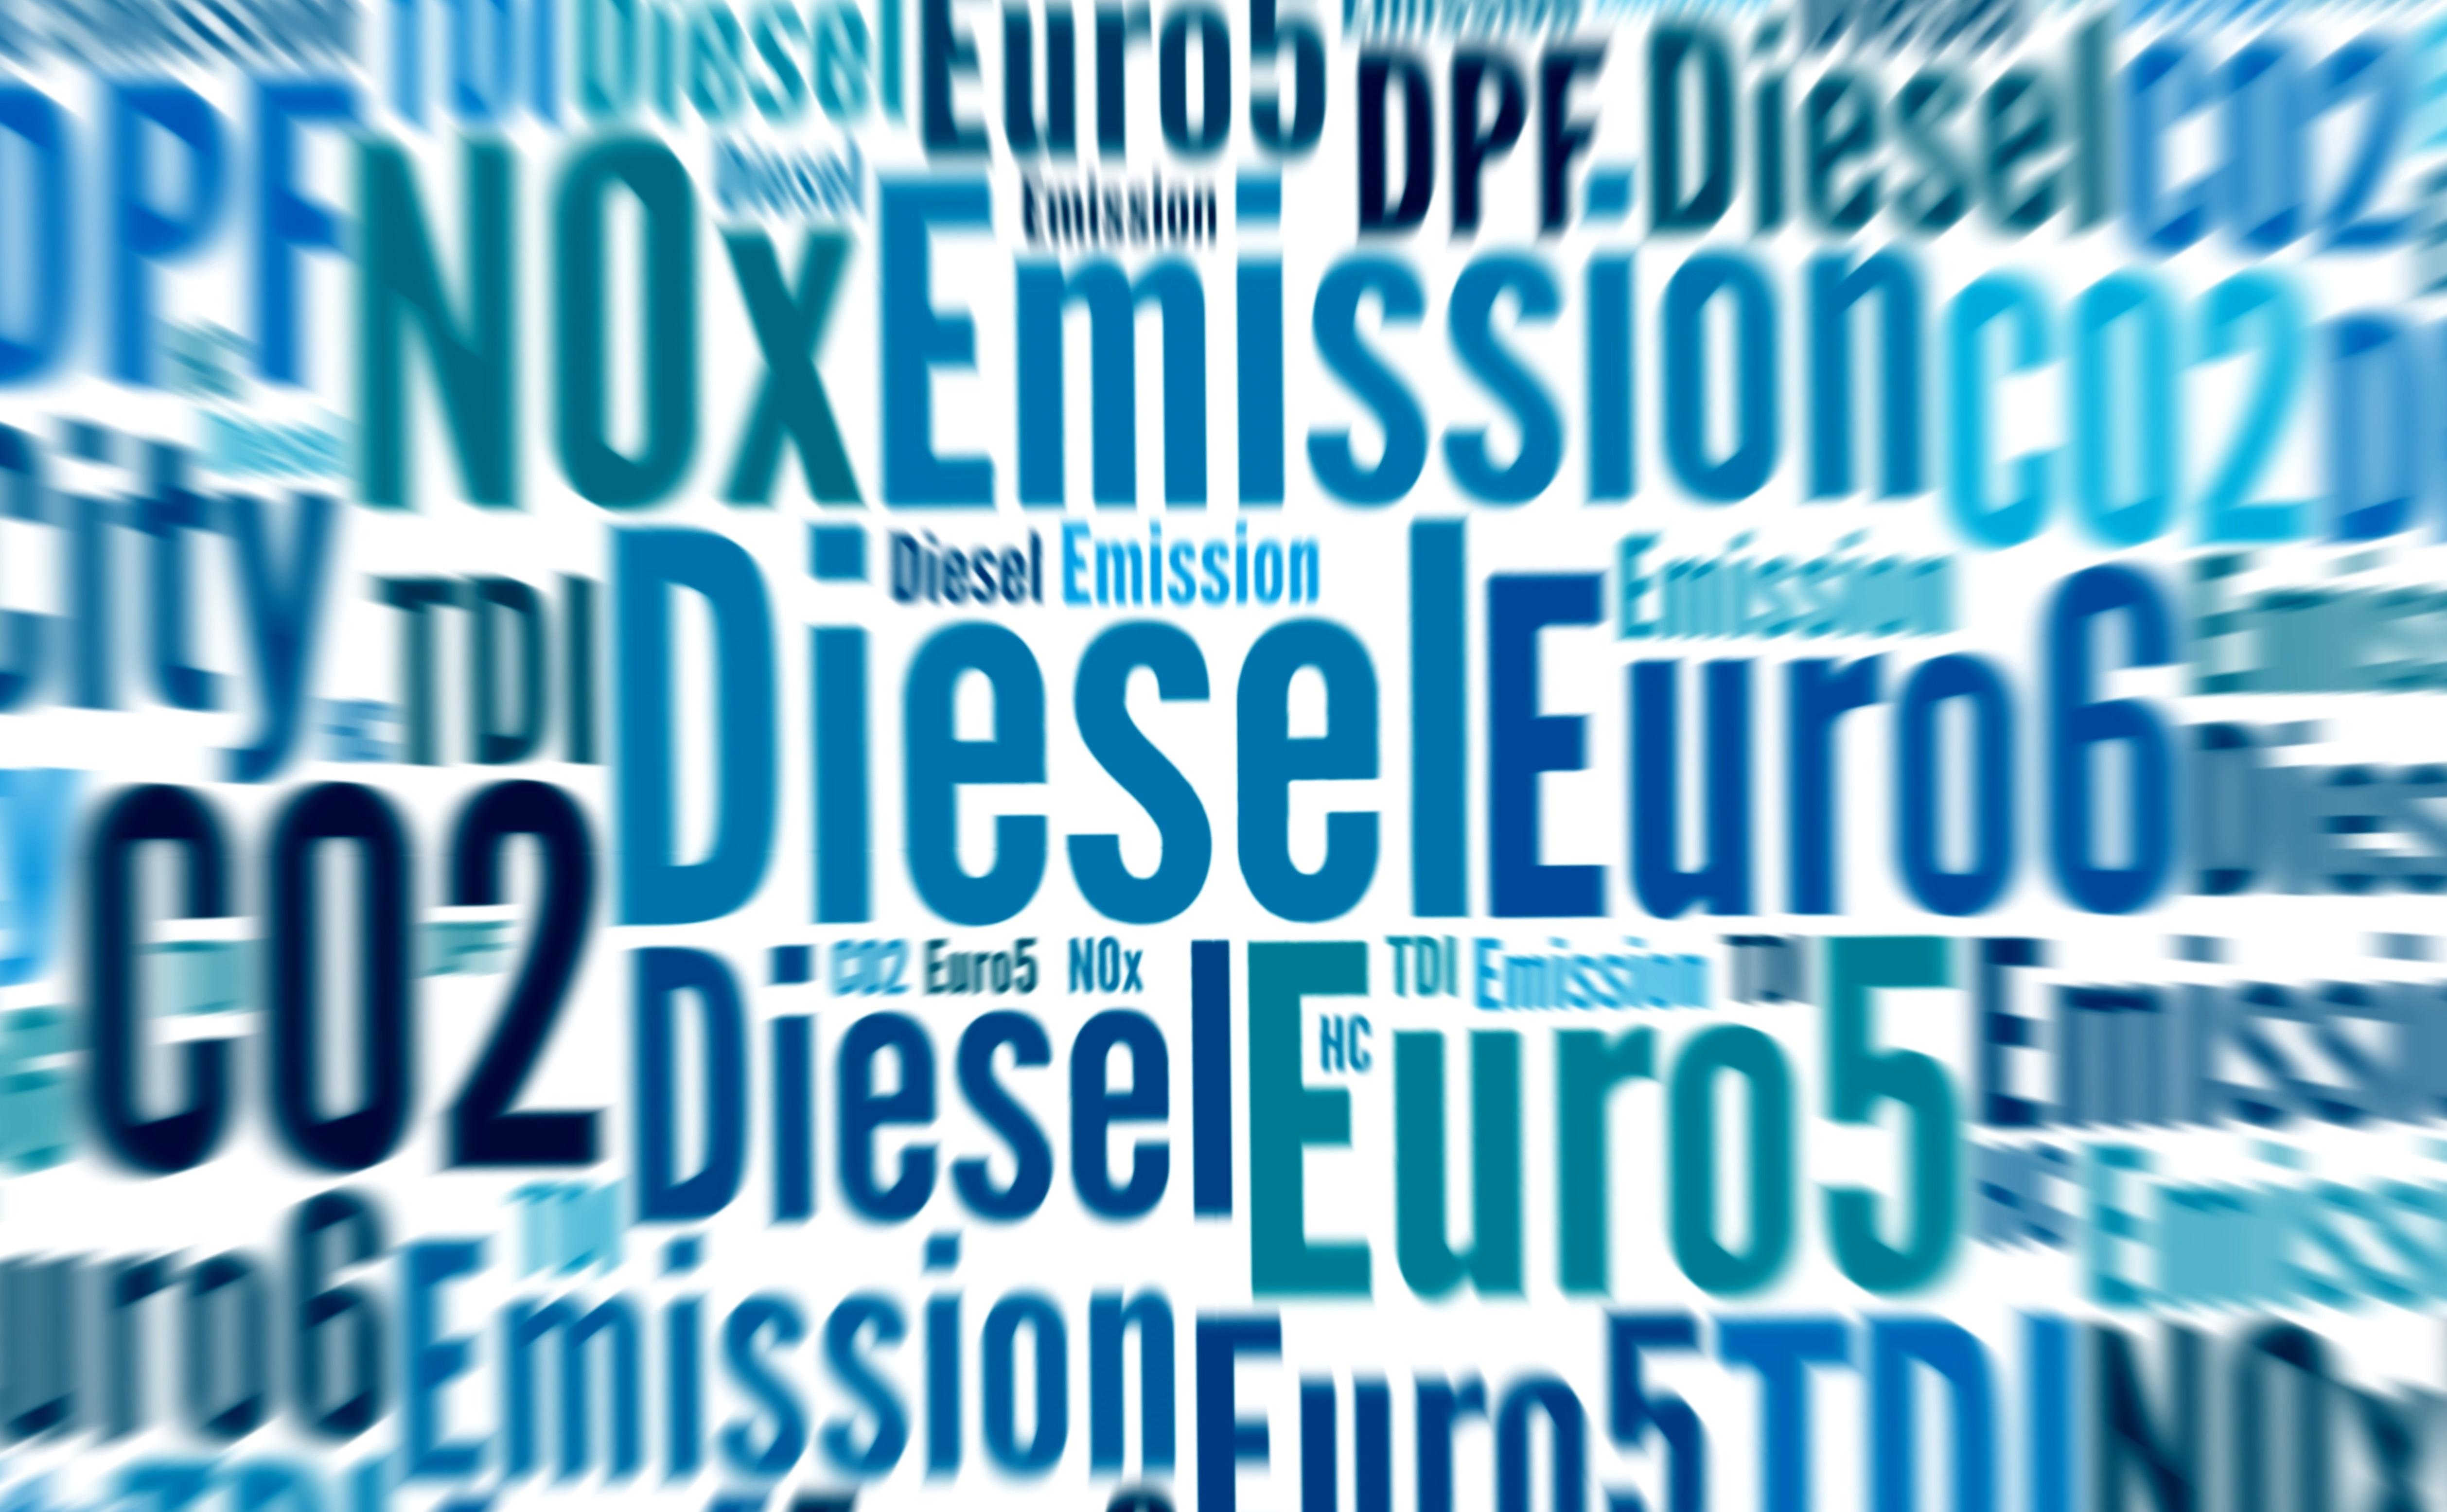 Unsere Meinung zu Dieselfahrverboten